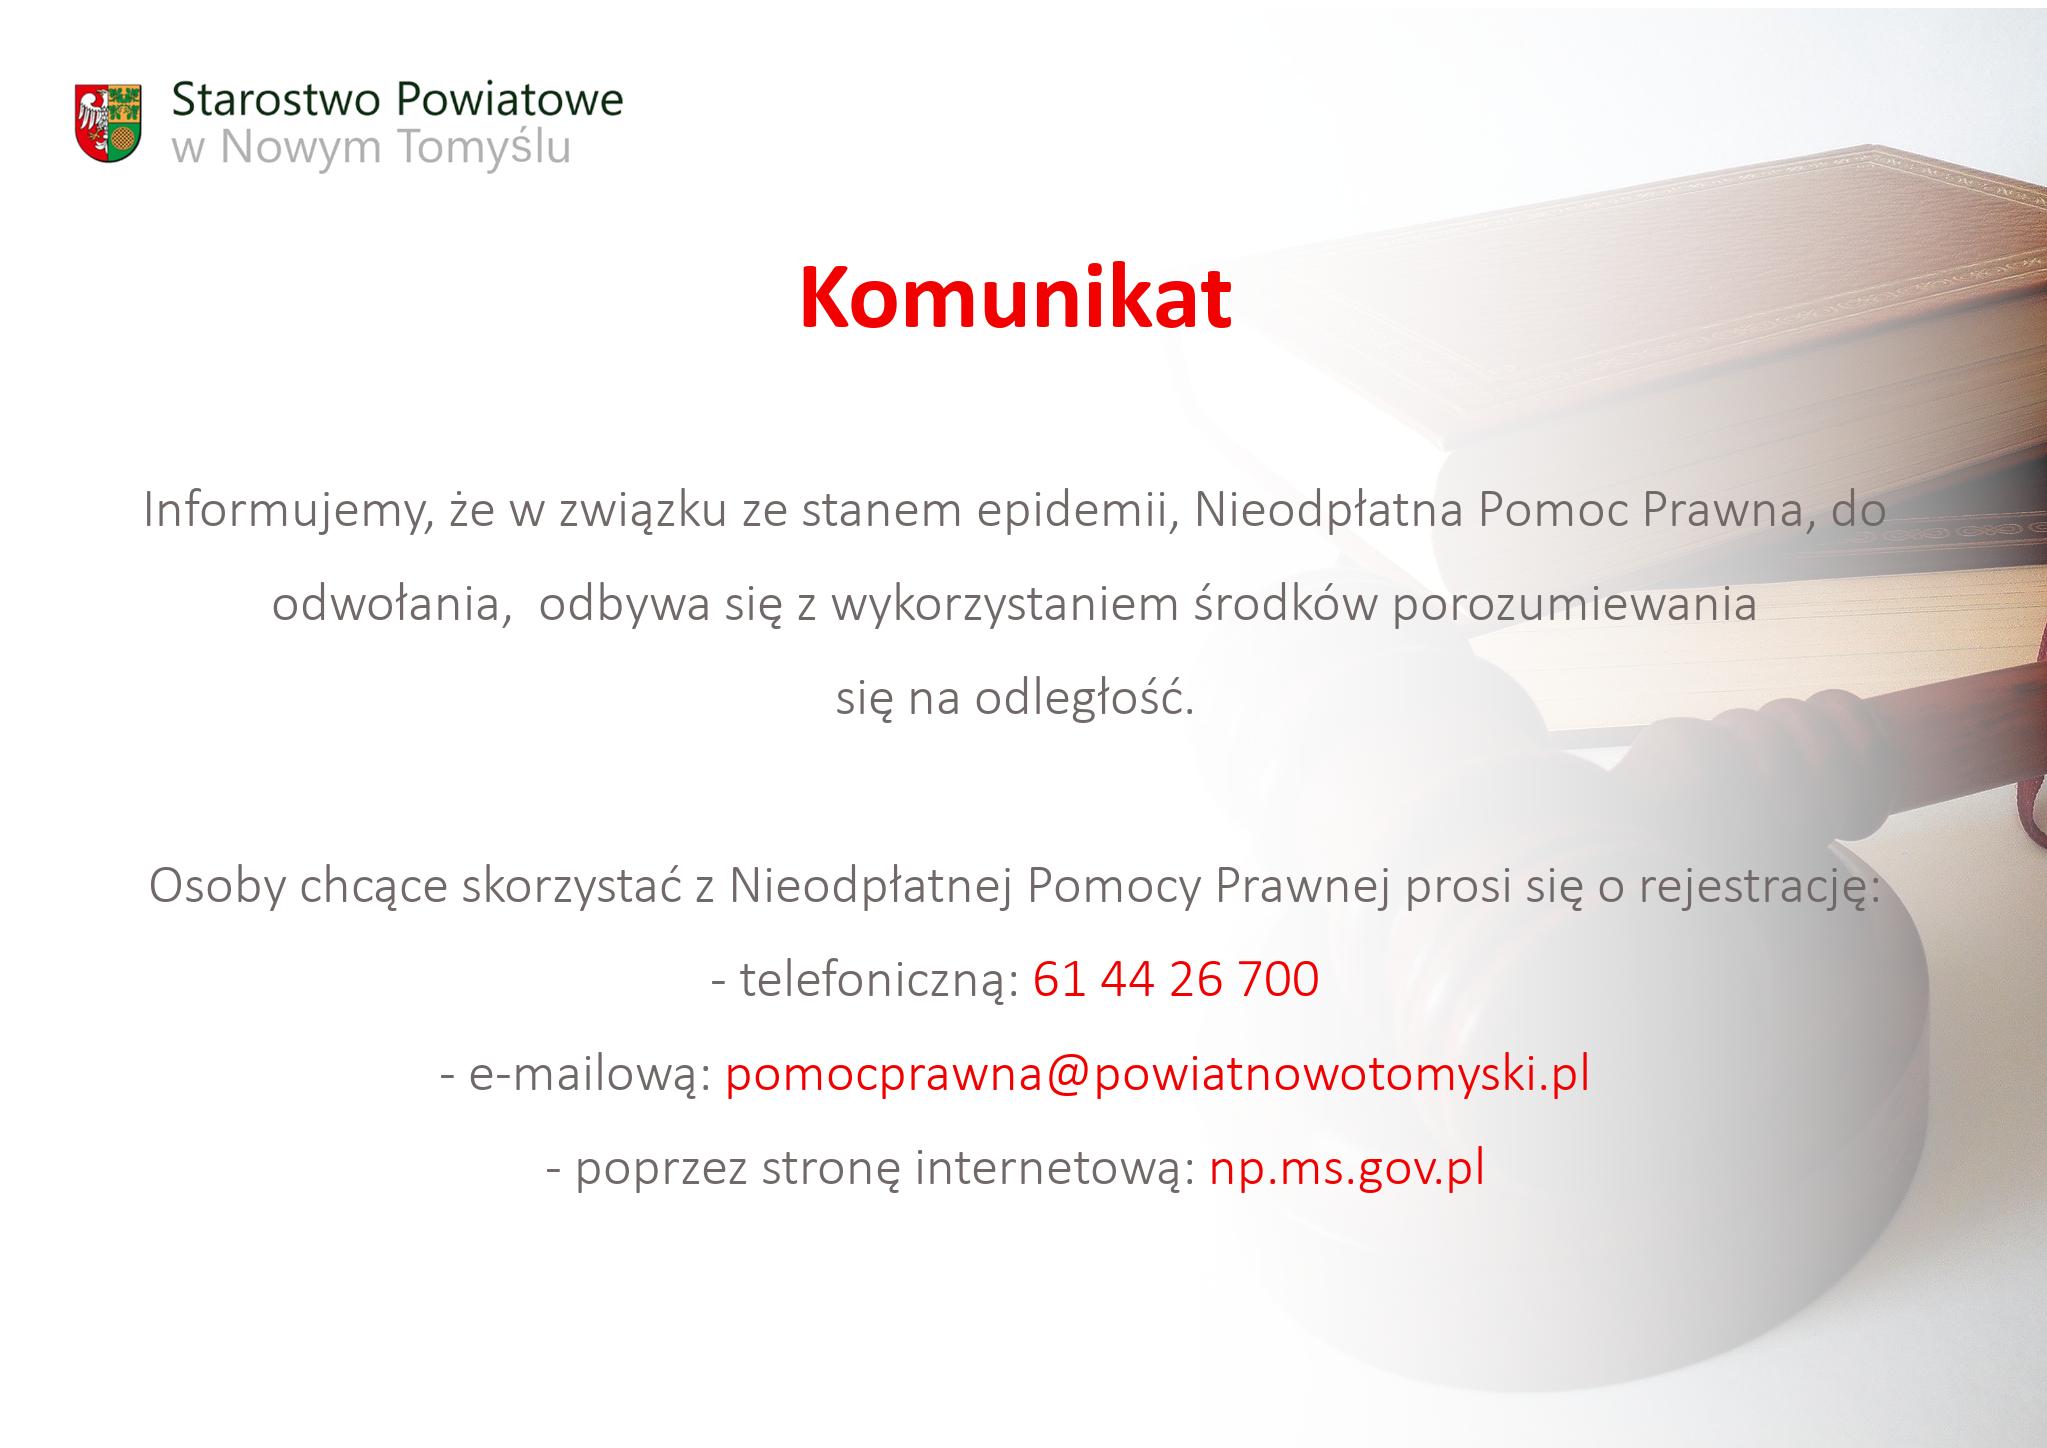 Ilustracja do informacji: Nieodpłatna Pomoc Prawna - Komunikat